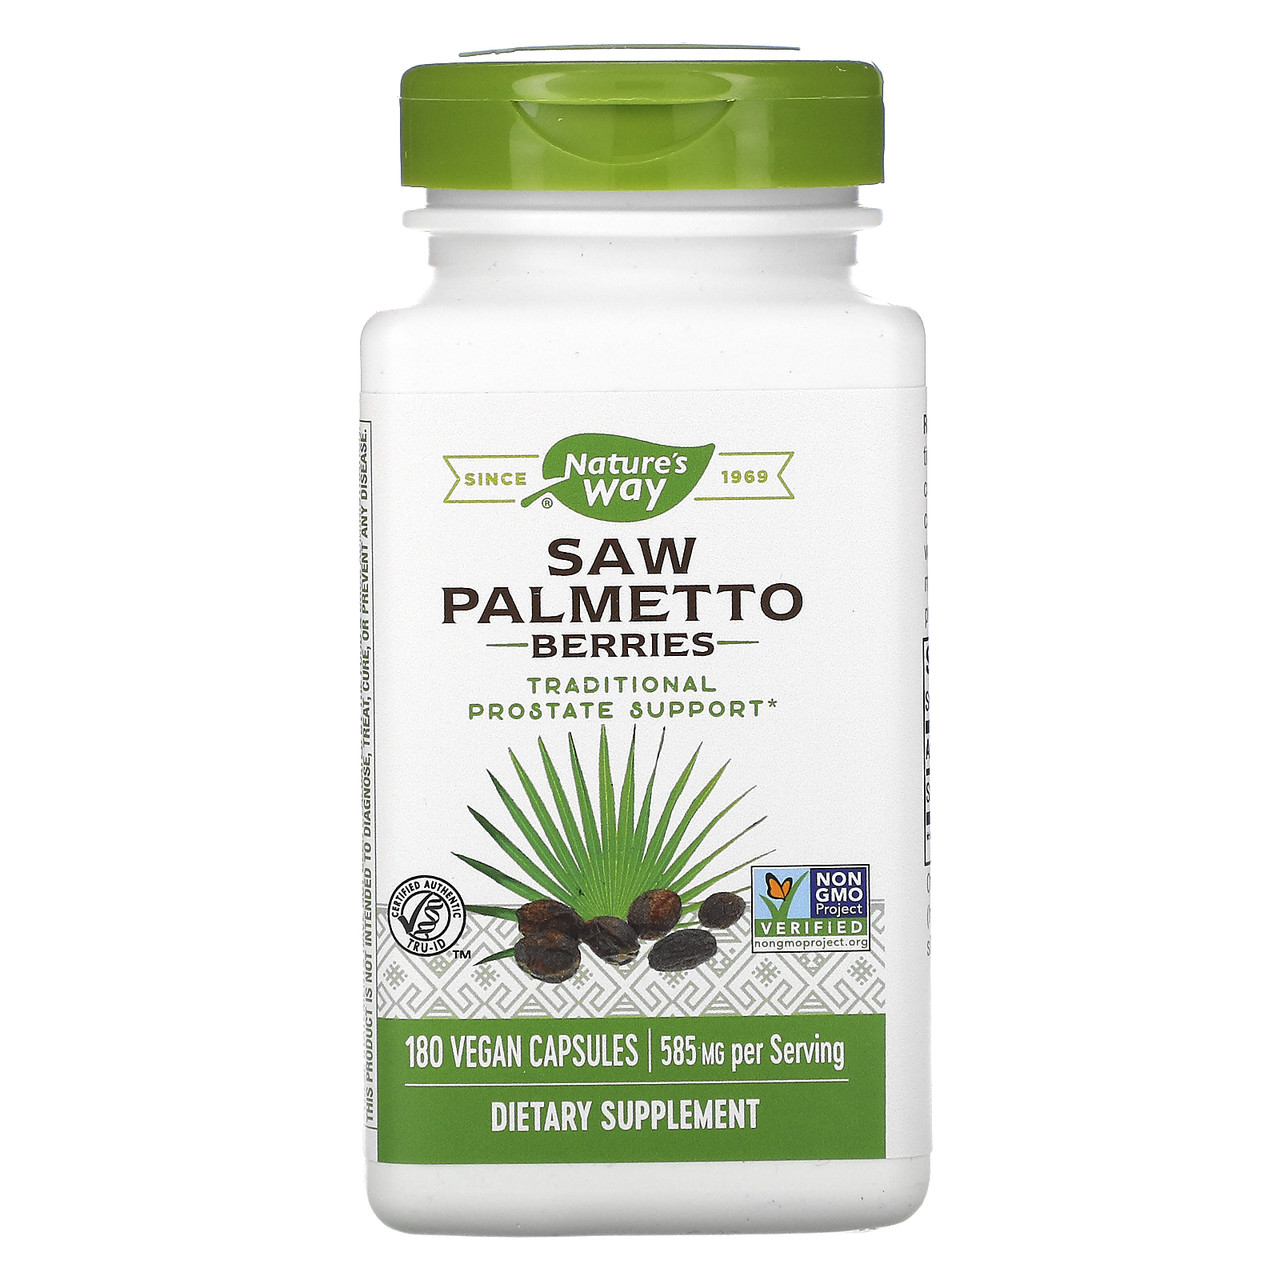 Со Пальметто, nature's Way, екстракт, 585 мг, 180 капсул